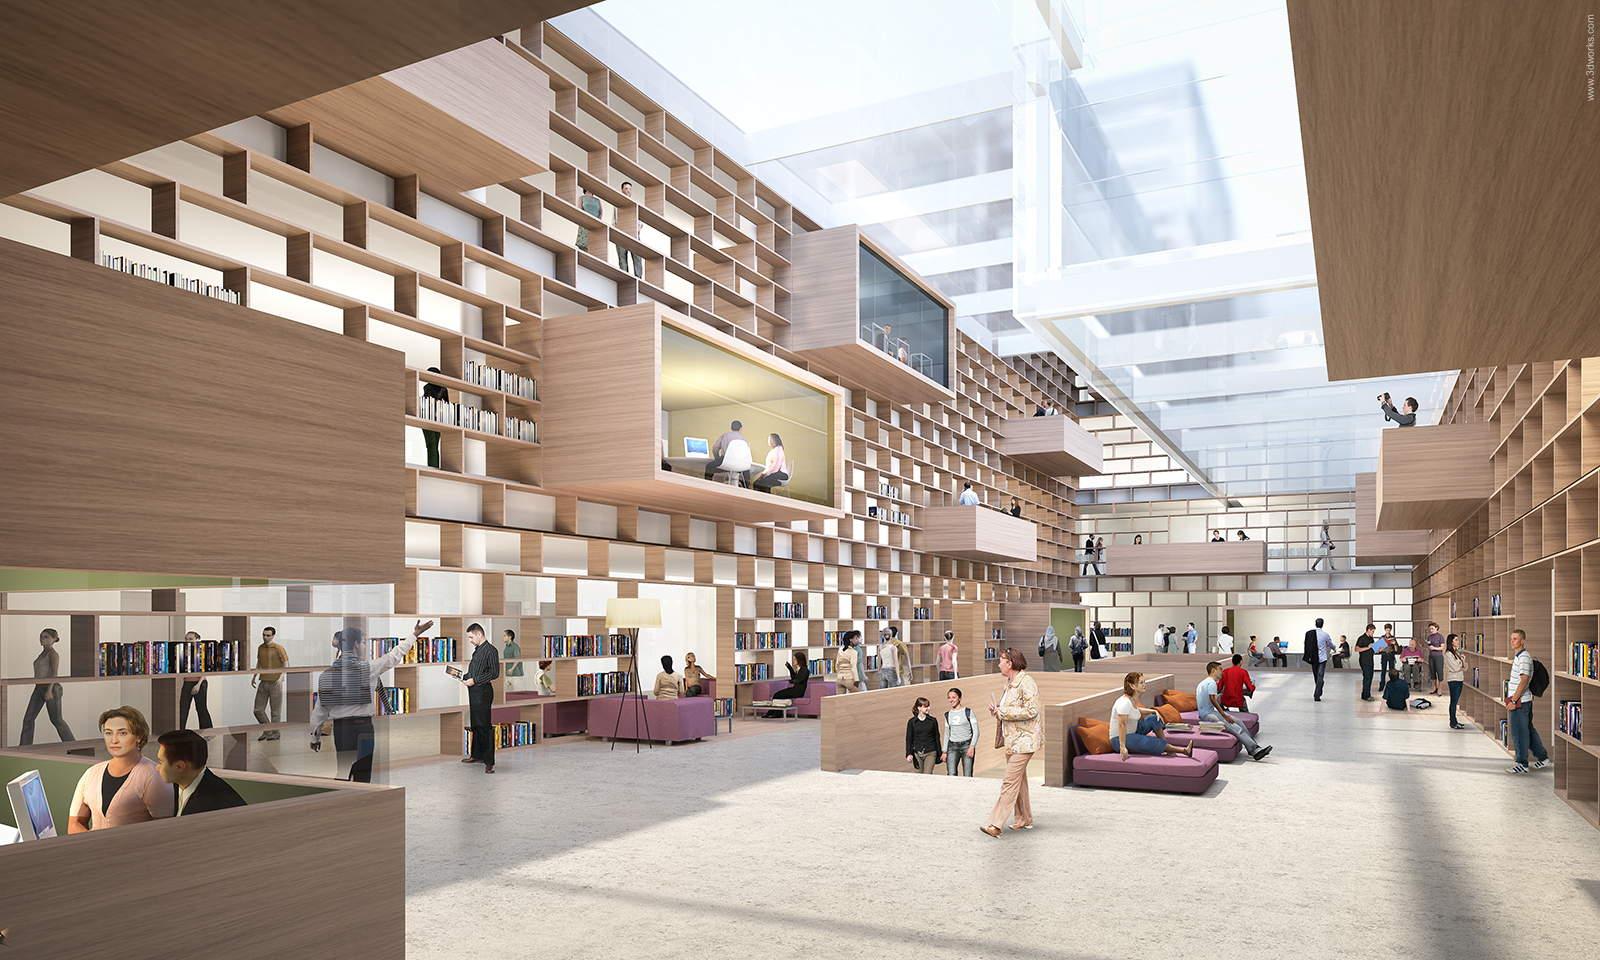 3D Visualisierung, Wettbewerbsperspektive, Innenraum / Dreher Architekt